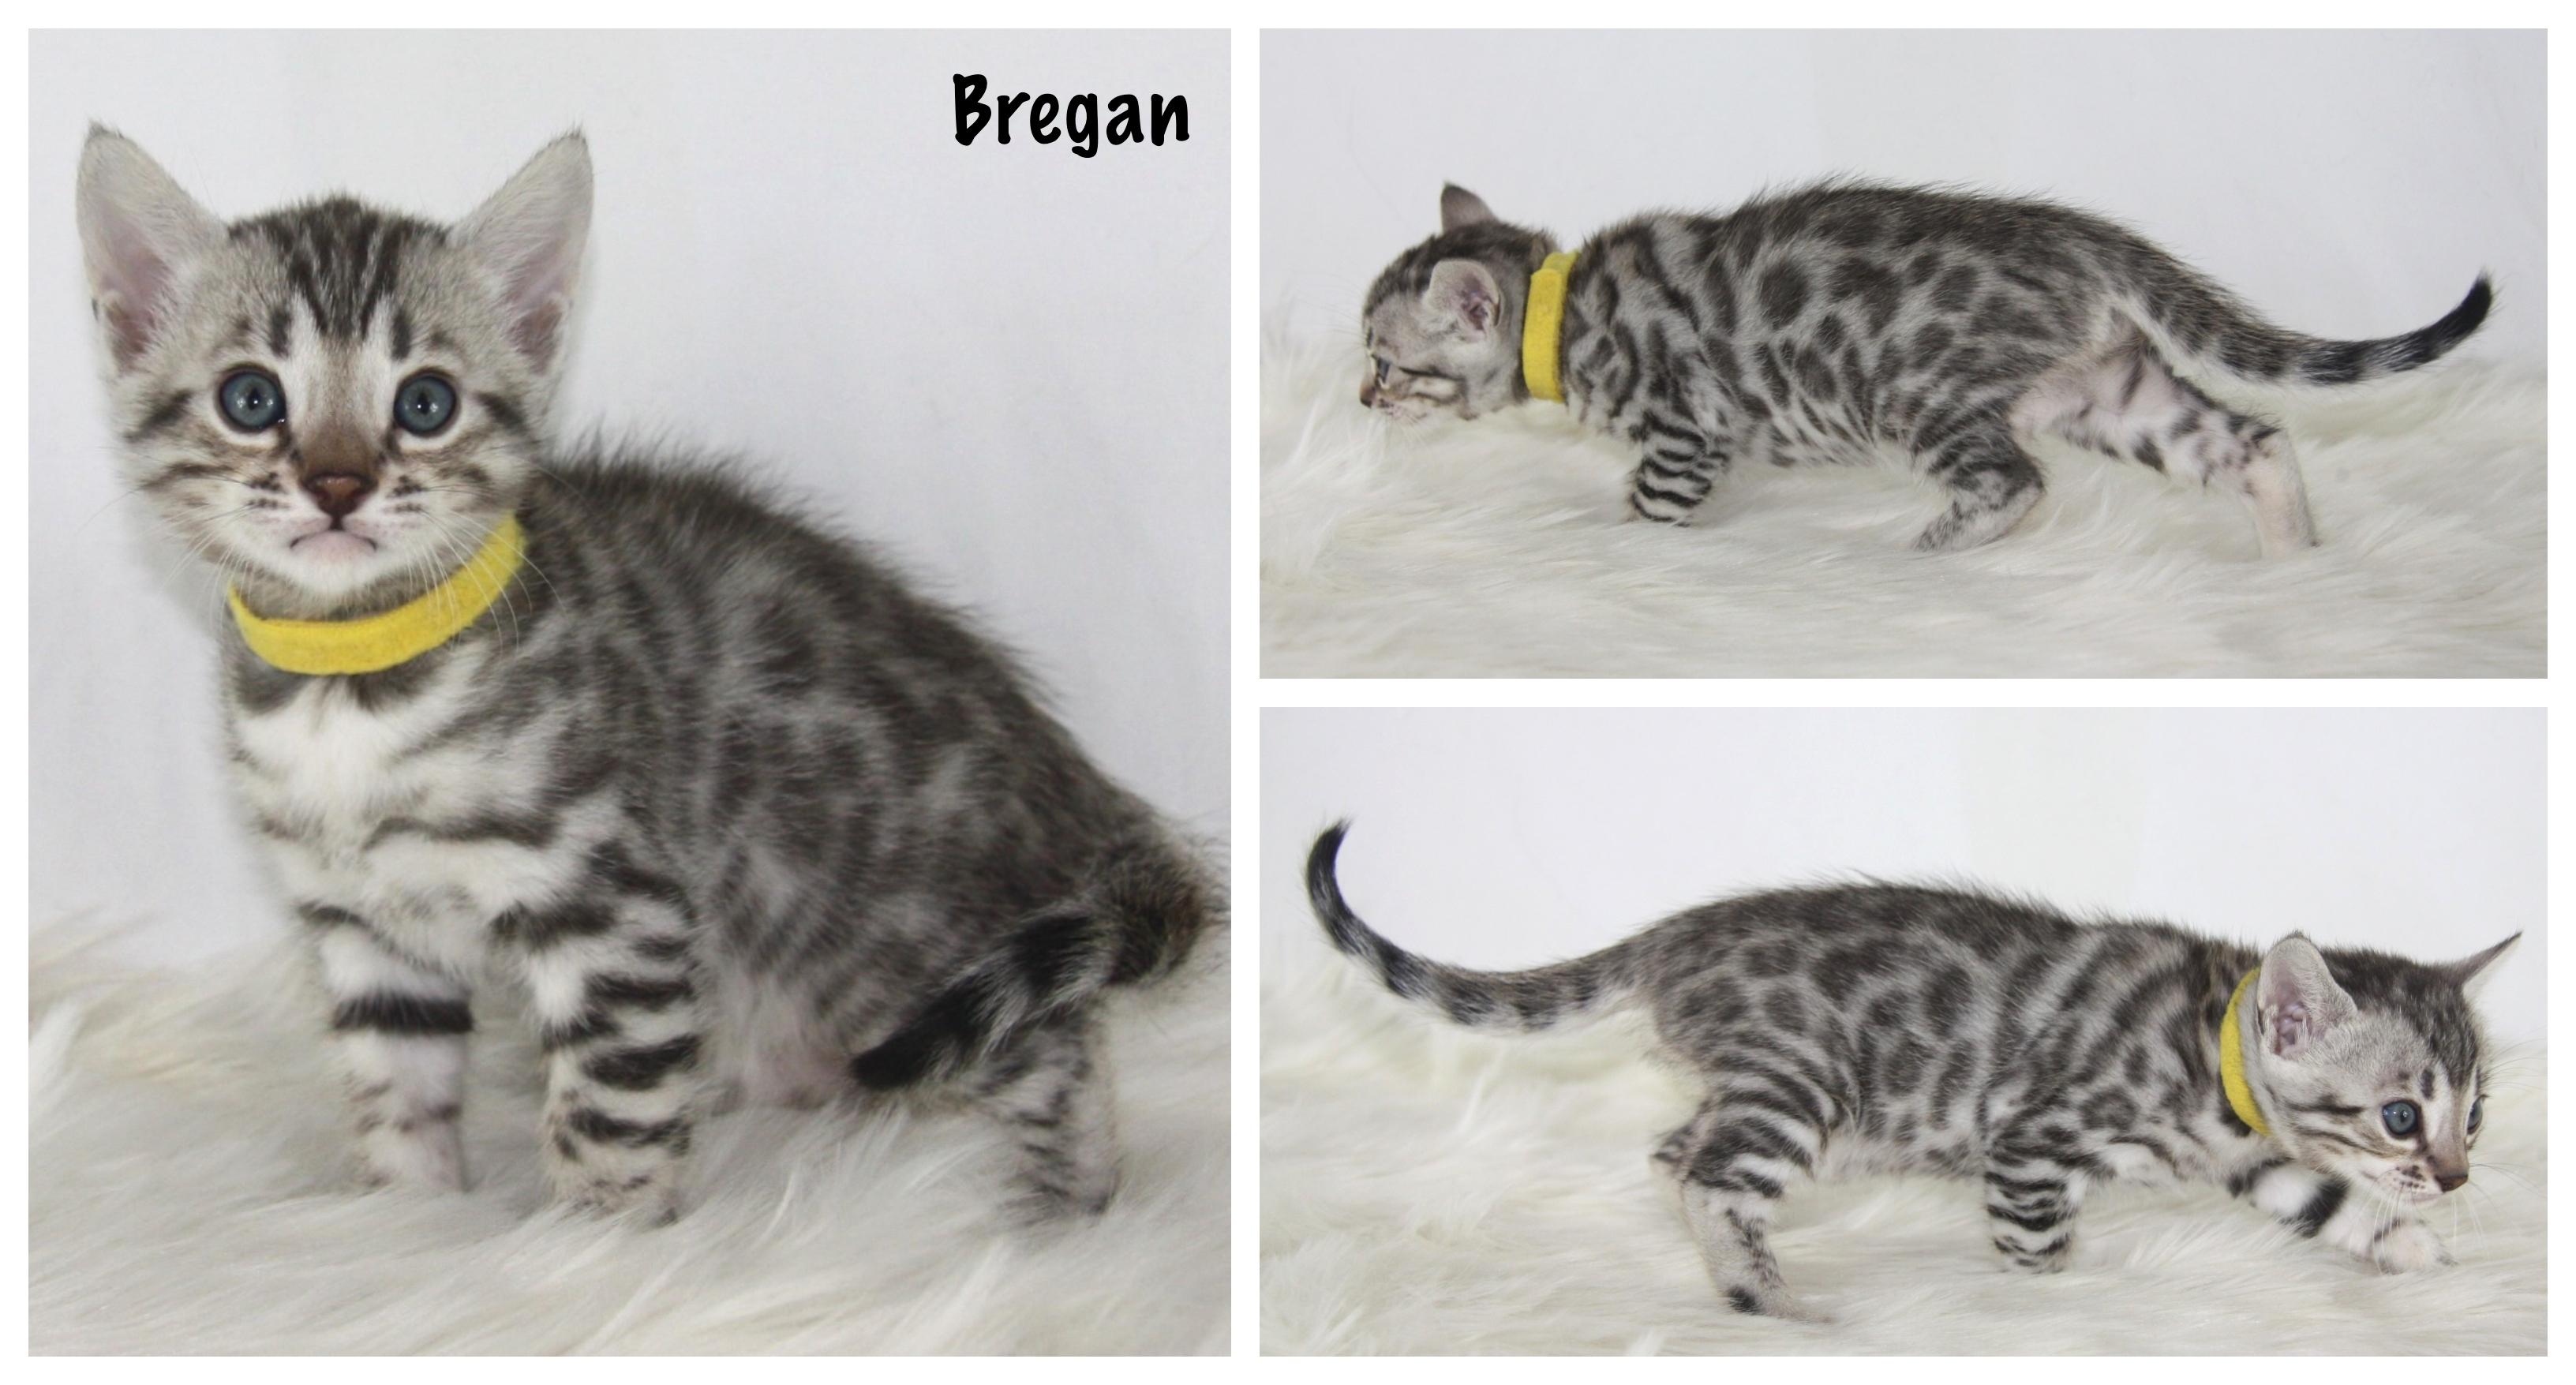 Bregan 5 weeks